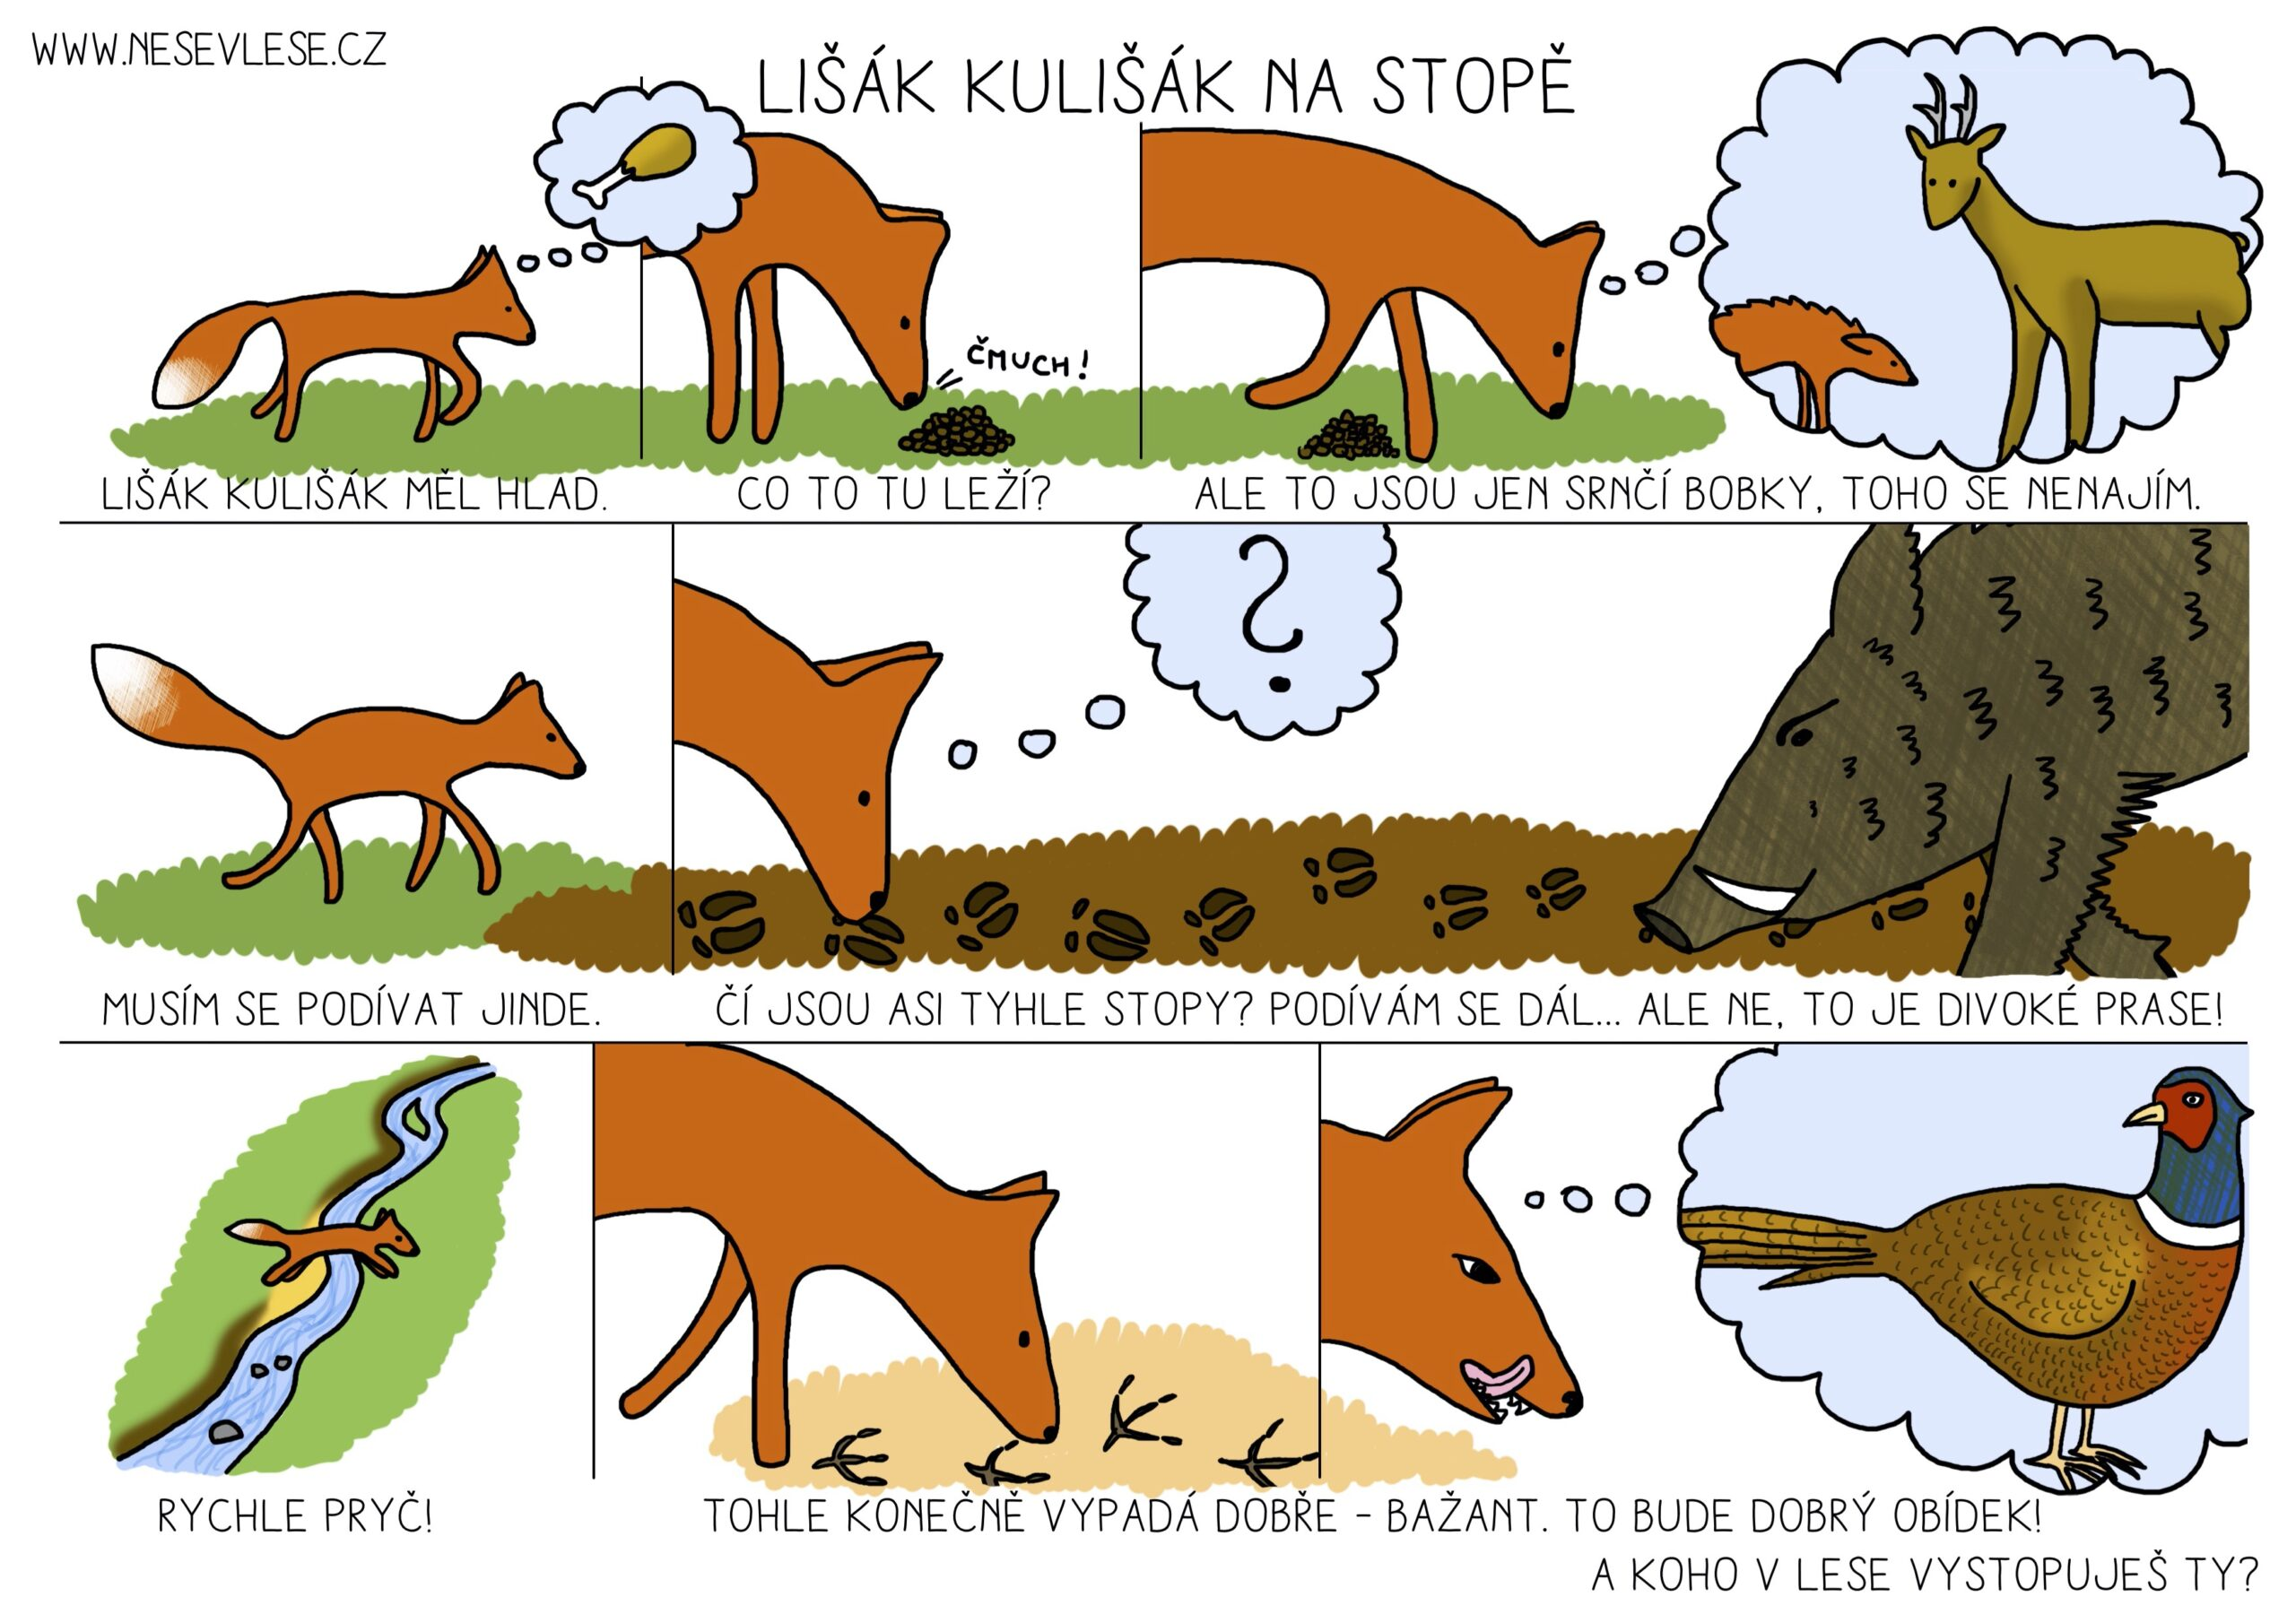 Přečti si příběh lišáka Kulišáka